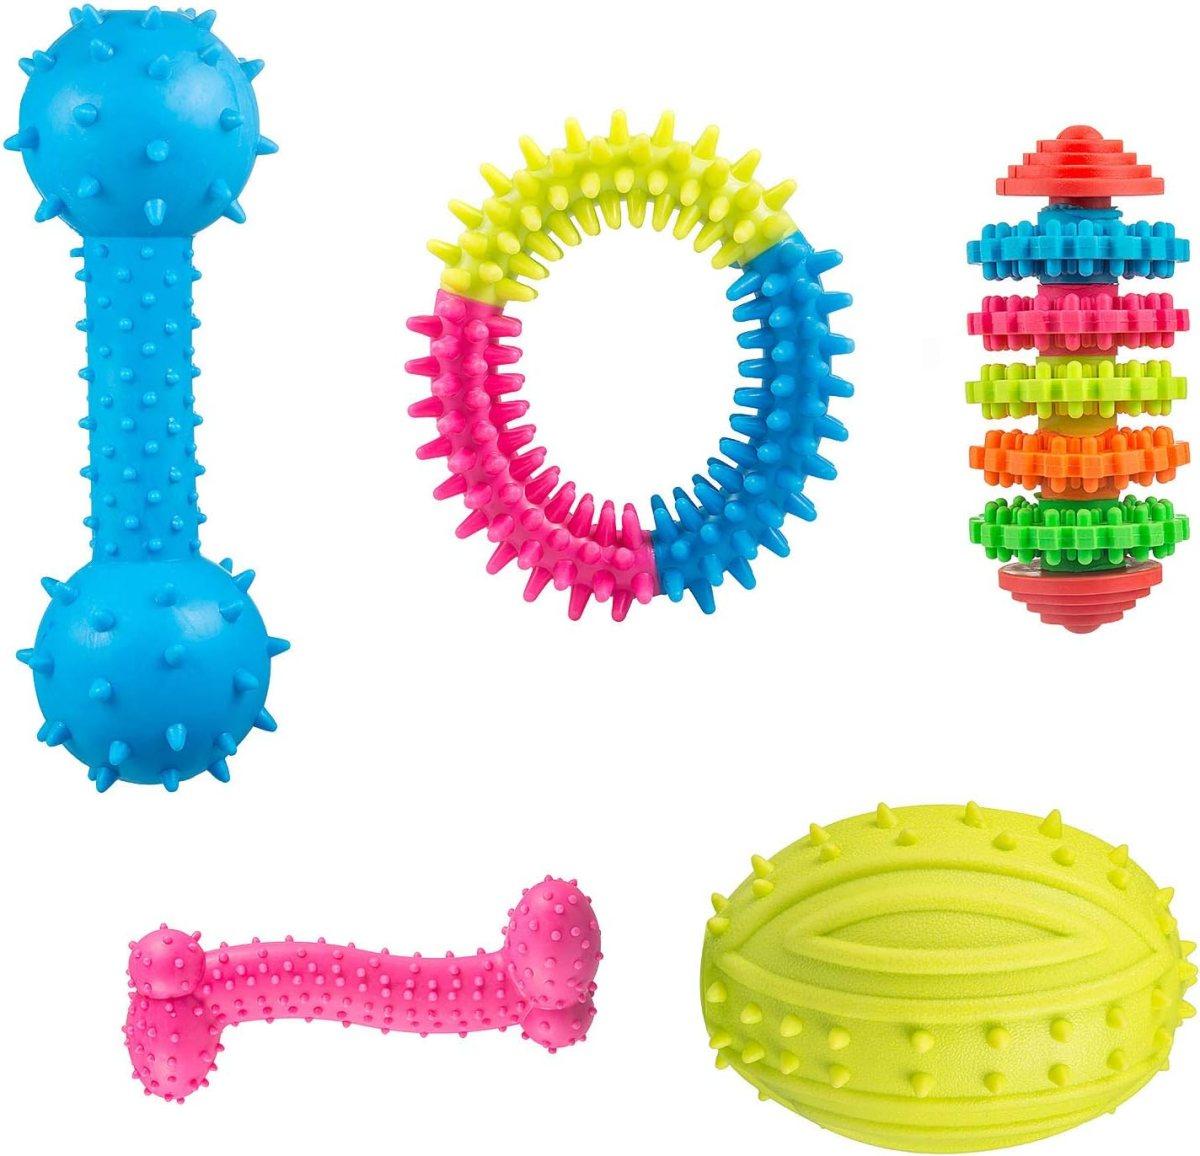 Juguetes para Perros, Pack de 5 Goma Juguetes - Ideal para Morder y Masticar, Divertido Animal Conjuntos Mascota Interactiva